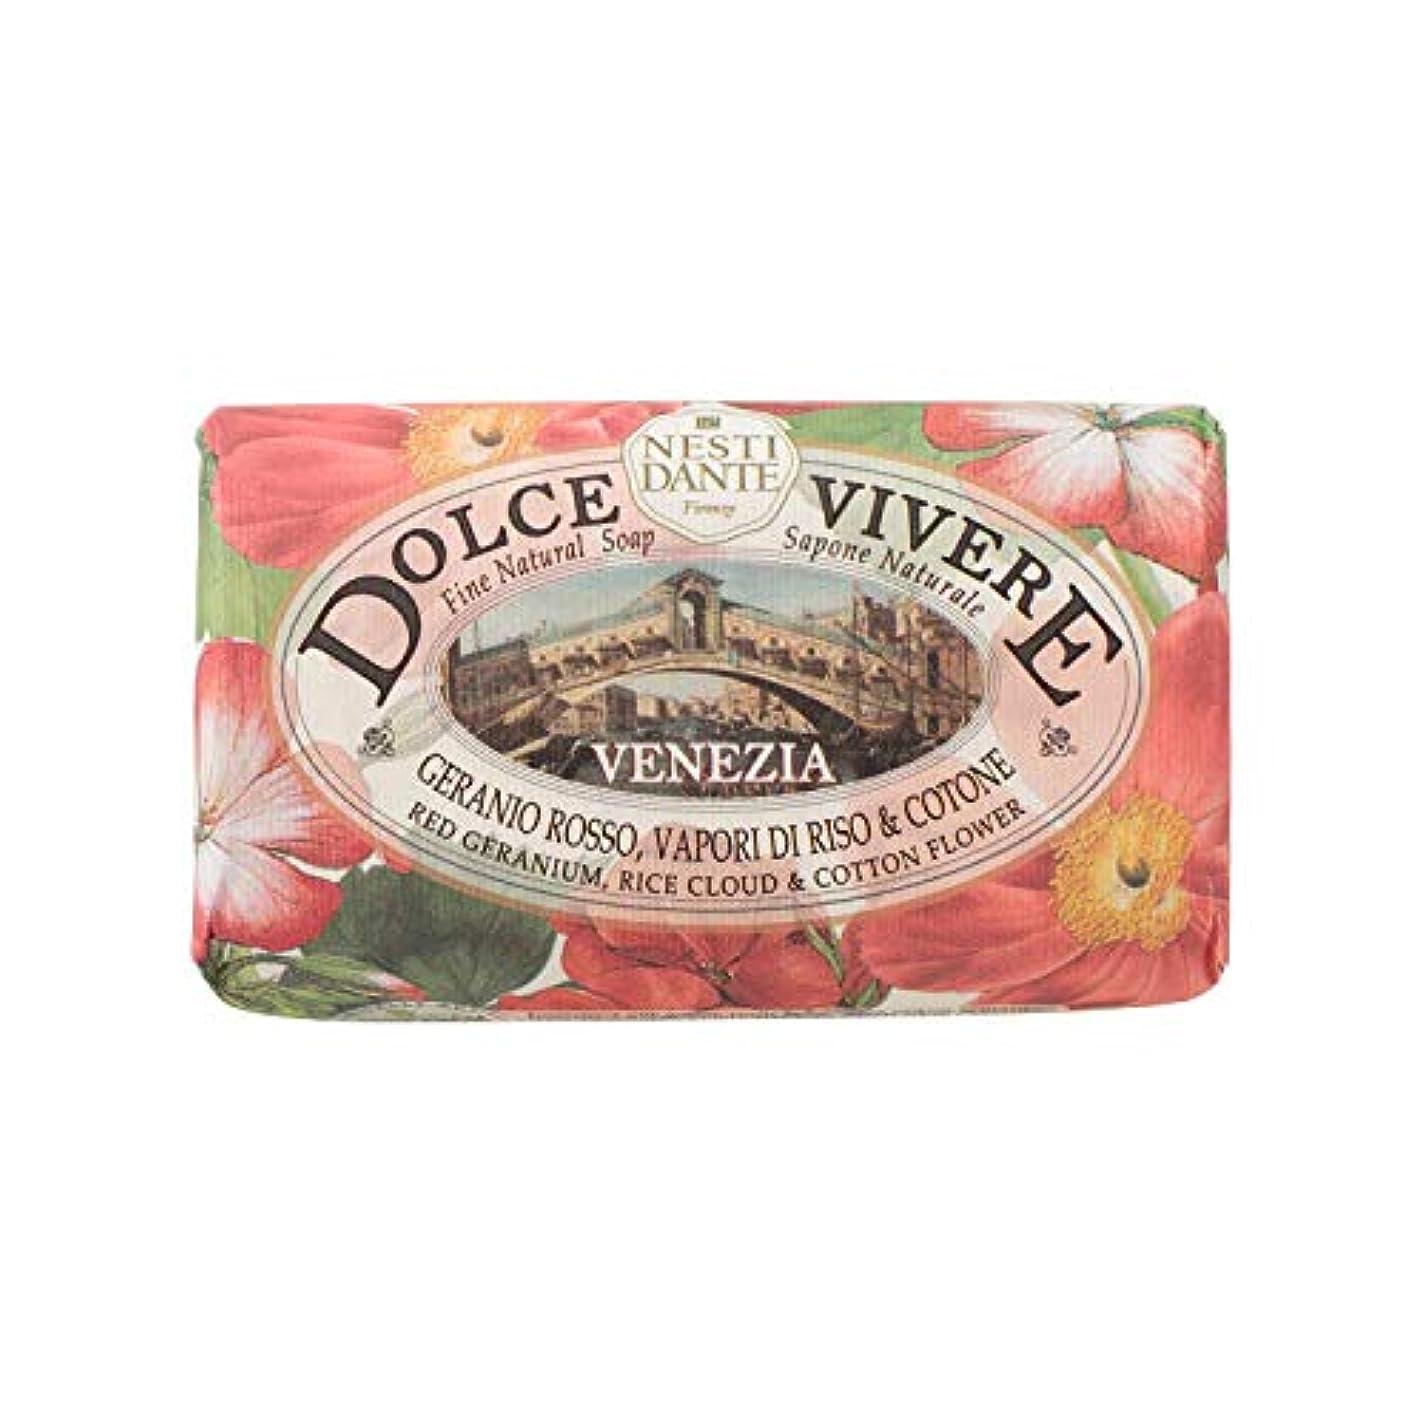 見習い取り消す追い越すNesti Dante ネスティダンテ ドルチェヴィーベレソープ ヴェネツィア 250g